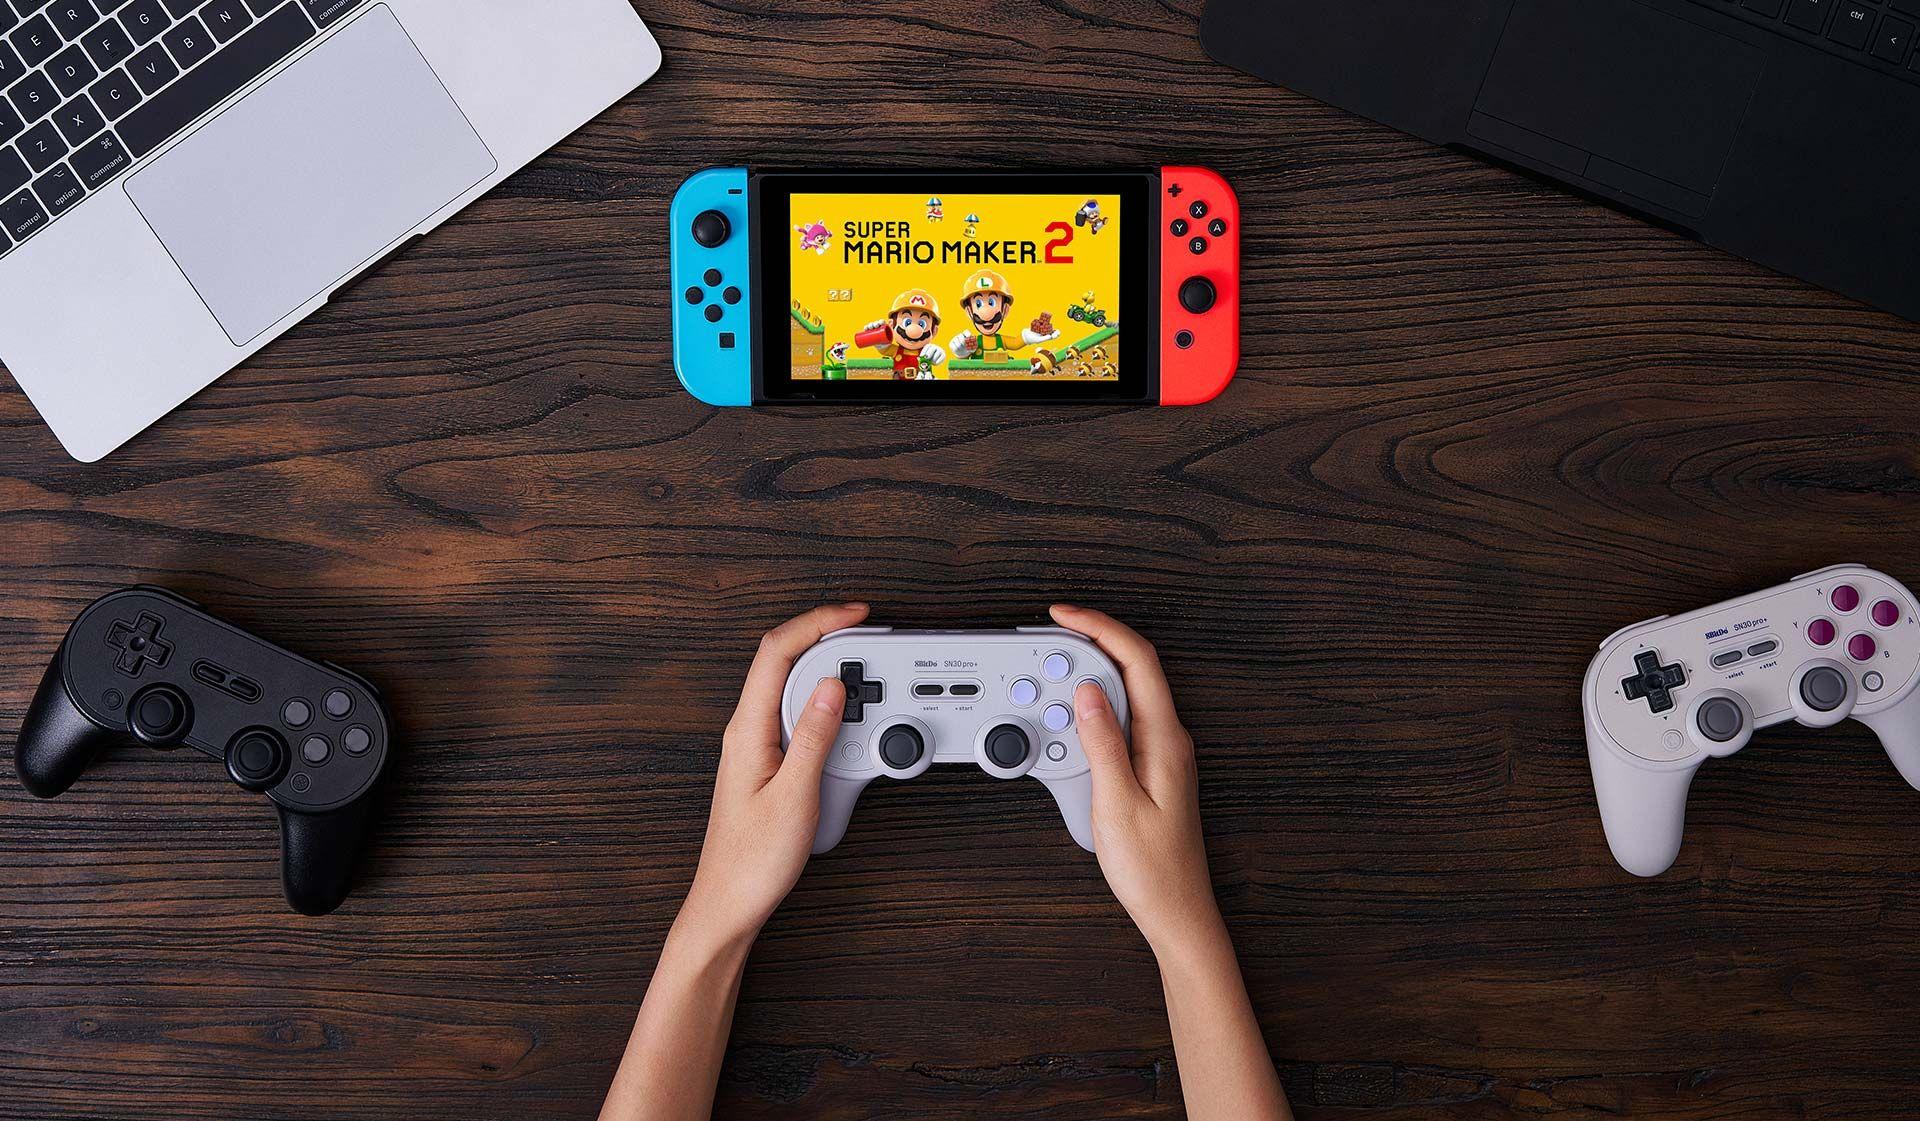 8BitDo's New SN30 Pro+ Controller Is Even Better Than Nintendo's OG